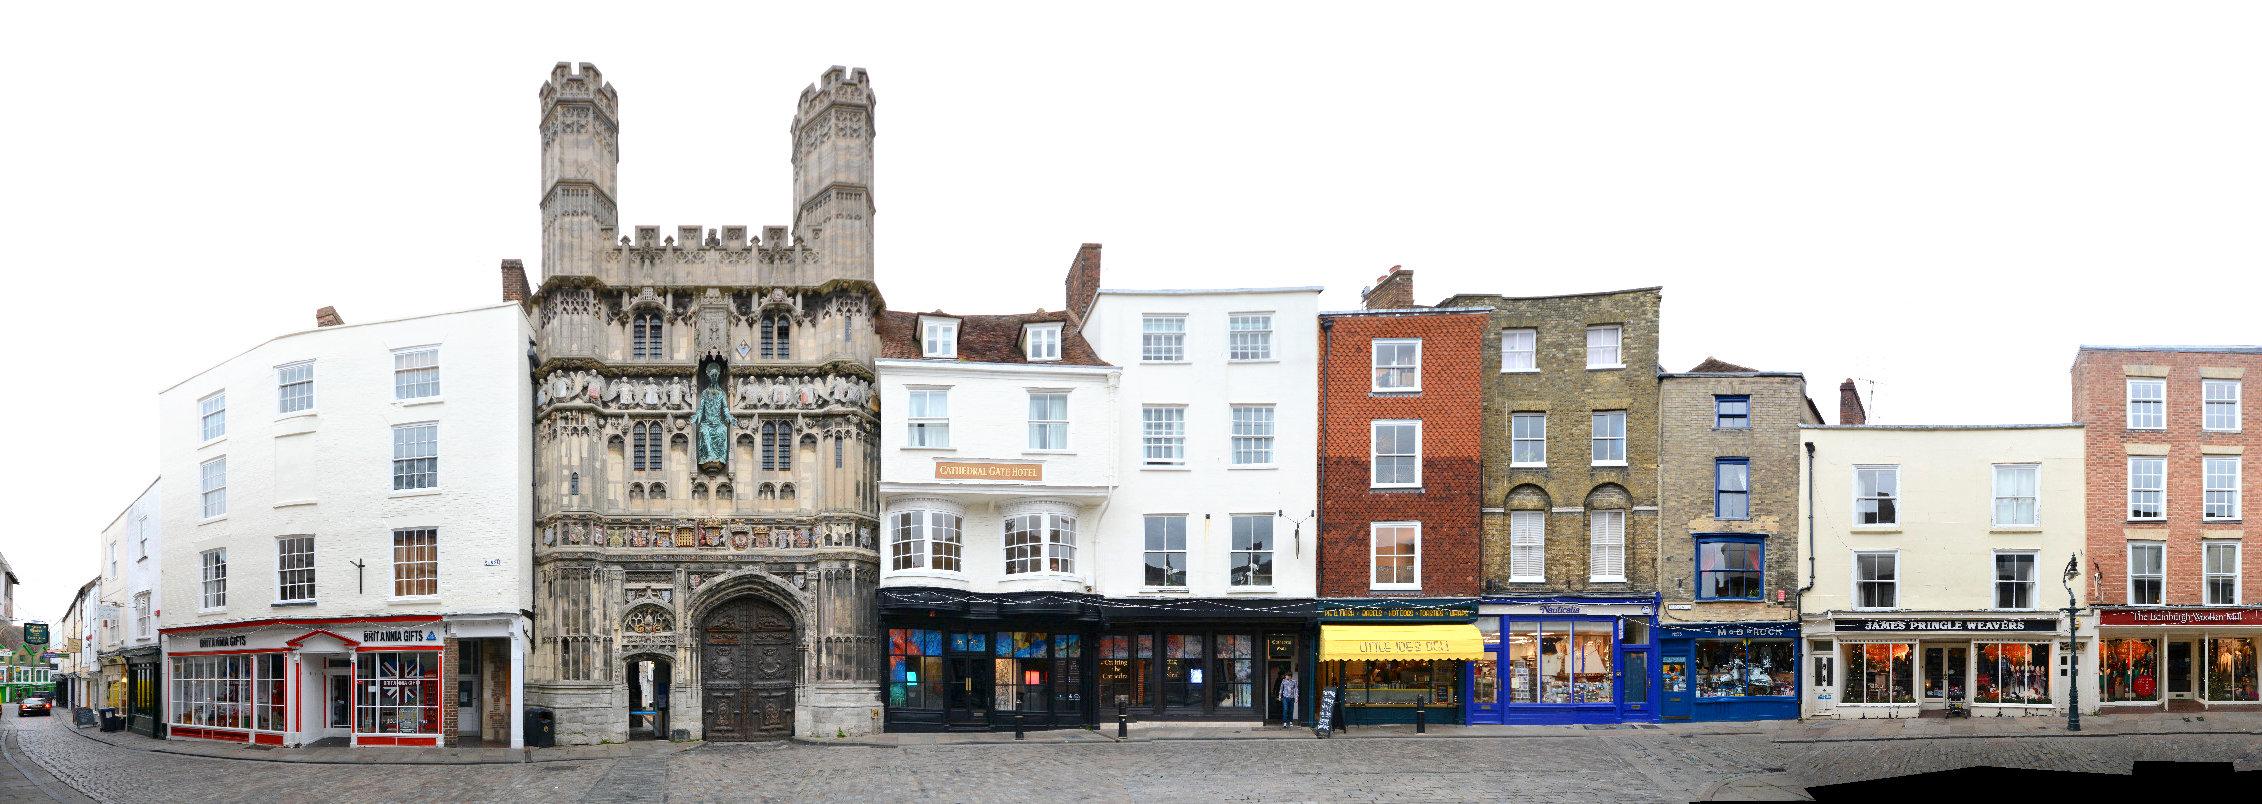 Canterbury England streetview panorama streetline